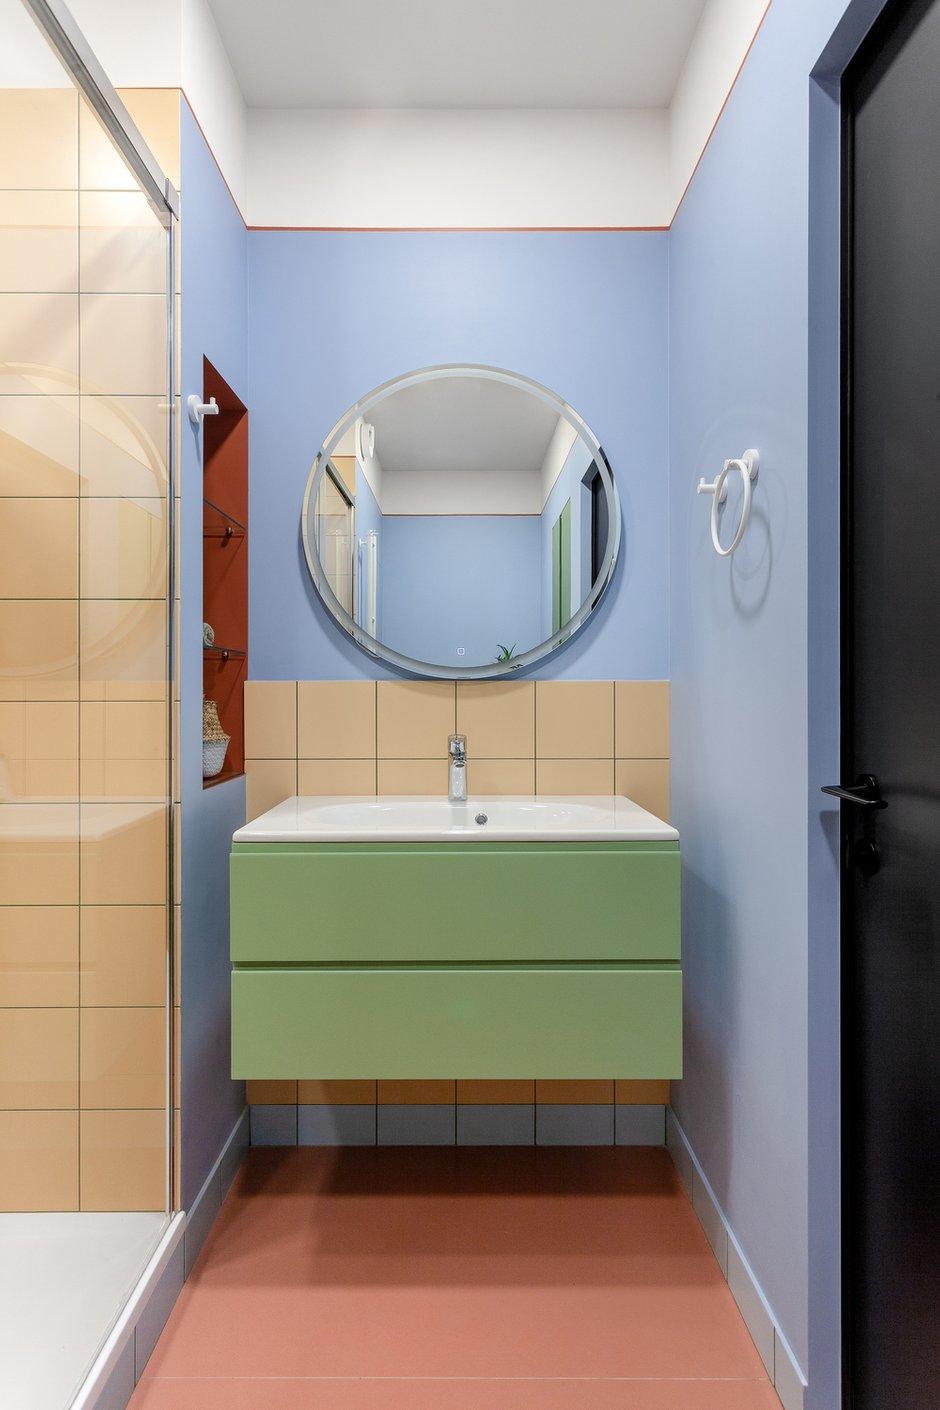 Фотография: Ванная в стиле Современный, Квартира, Проект недели, Москва, 2 комнаты, 40-60 метров, КубКвадрат – фото на INMYROOM